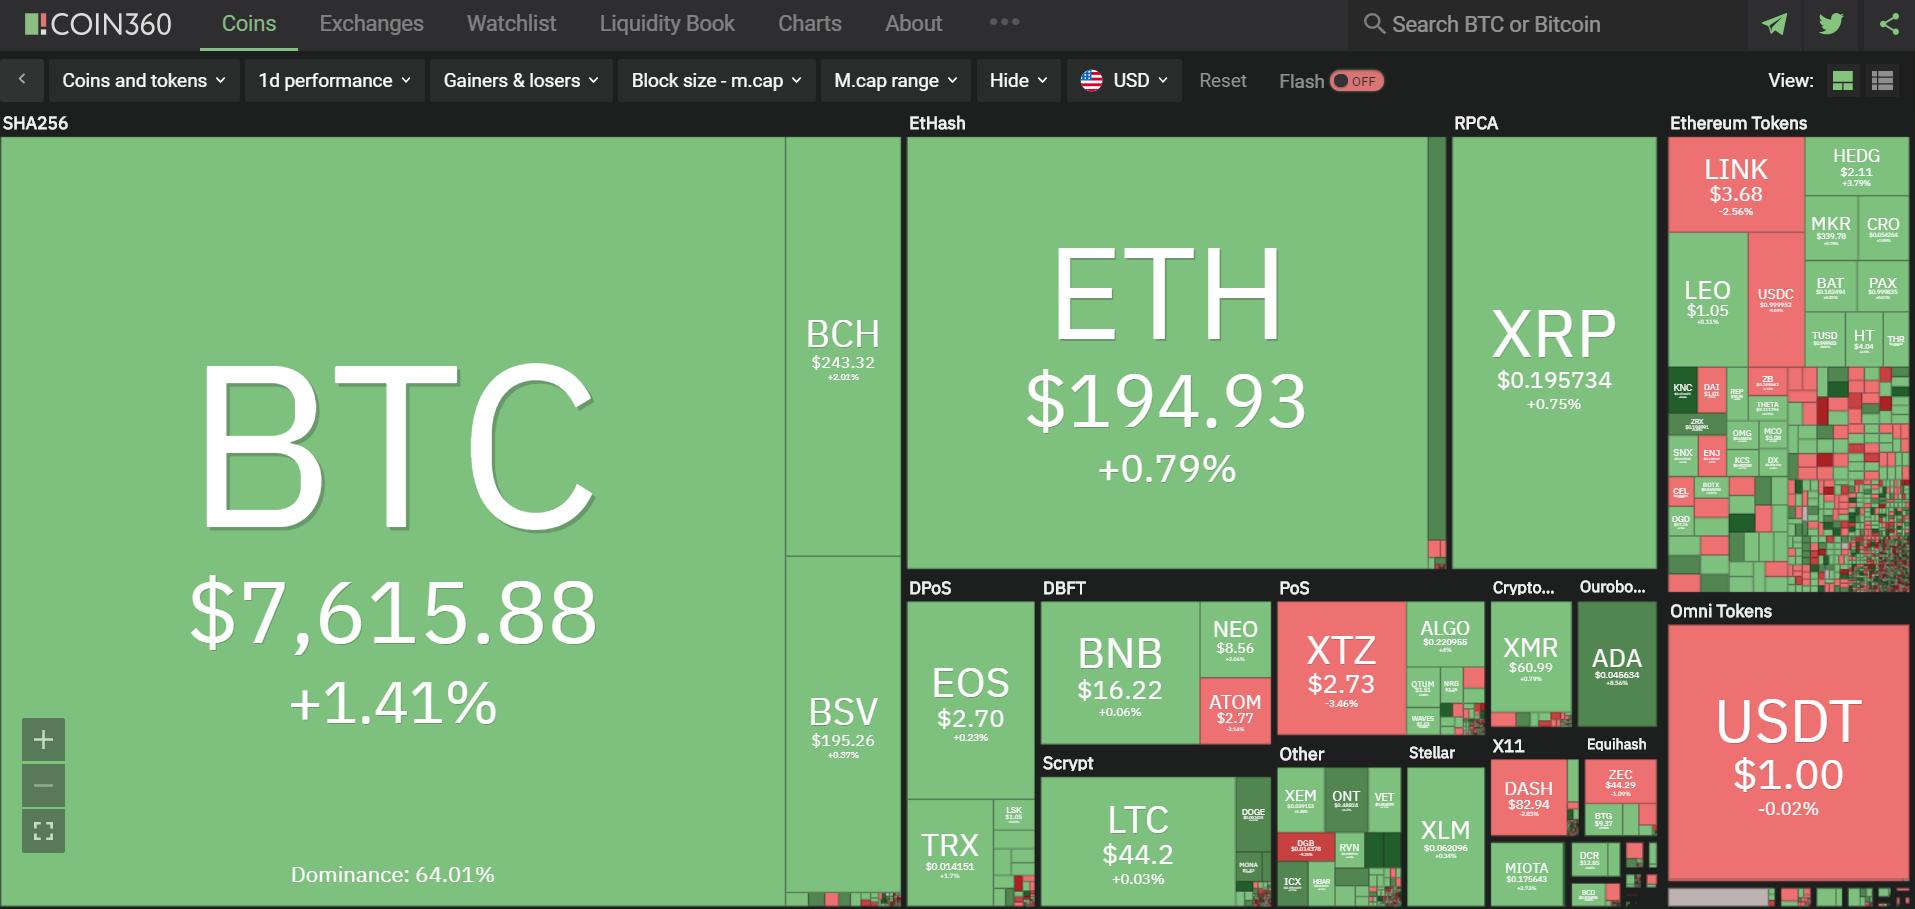 Toàn cảnh thị trường ngày 27/4 (nguồn: Coin360.com)